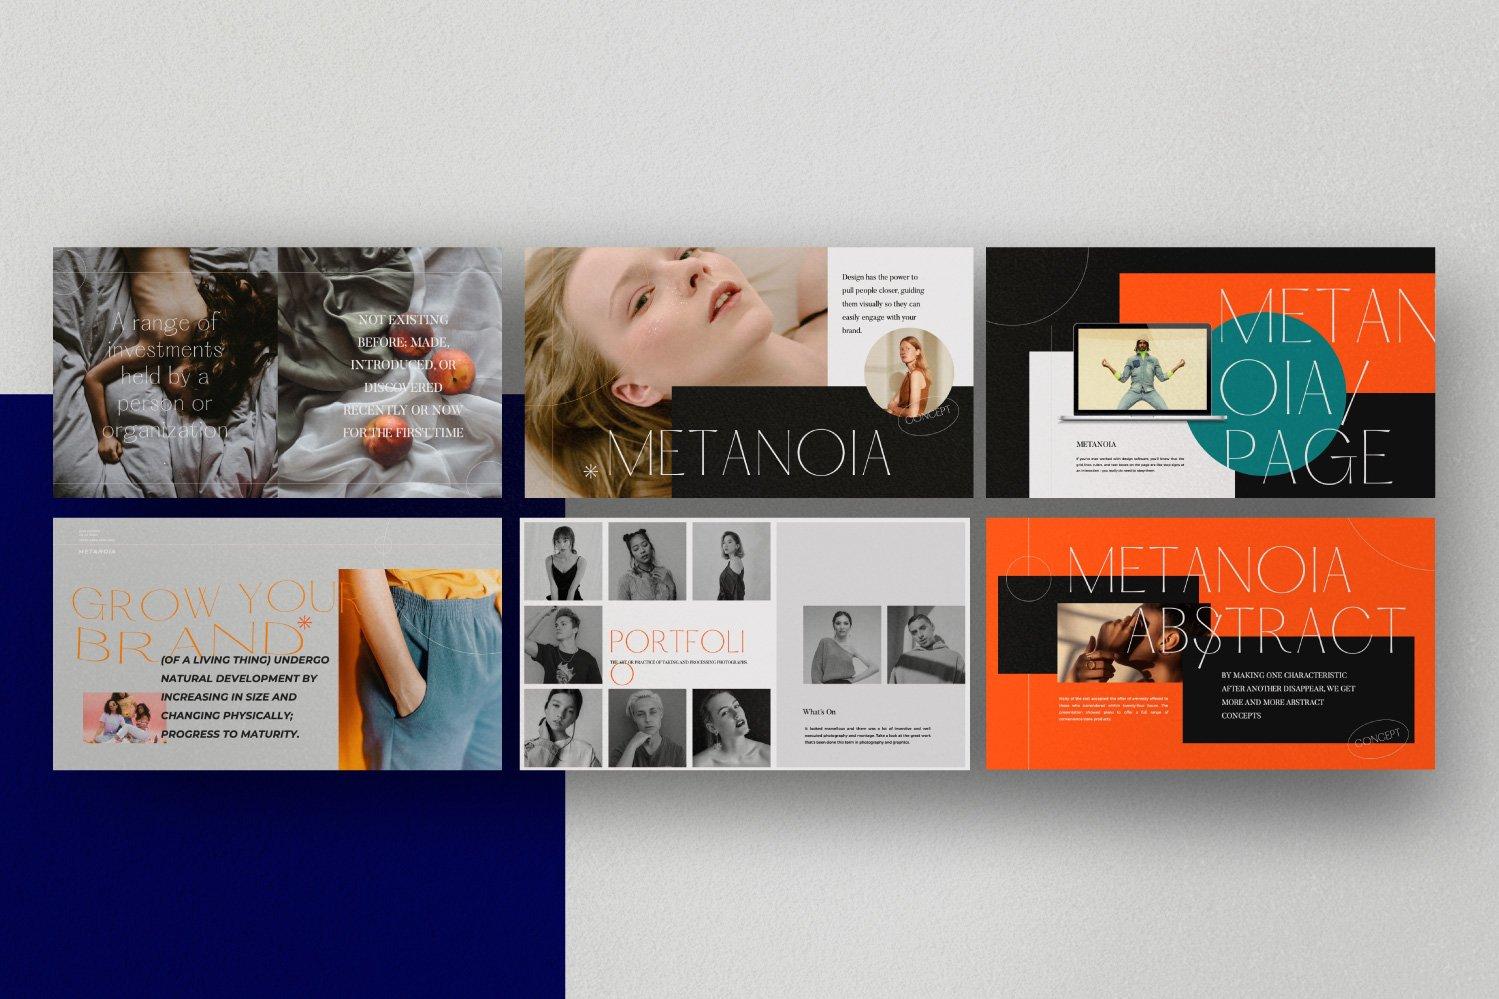 时尚潮流服装品牌摄影作品集幻灯片设计模板 Metanoia – Brand Fashion Powerpoint插图(7)